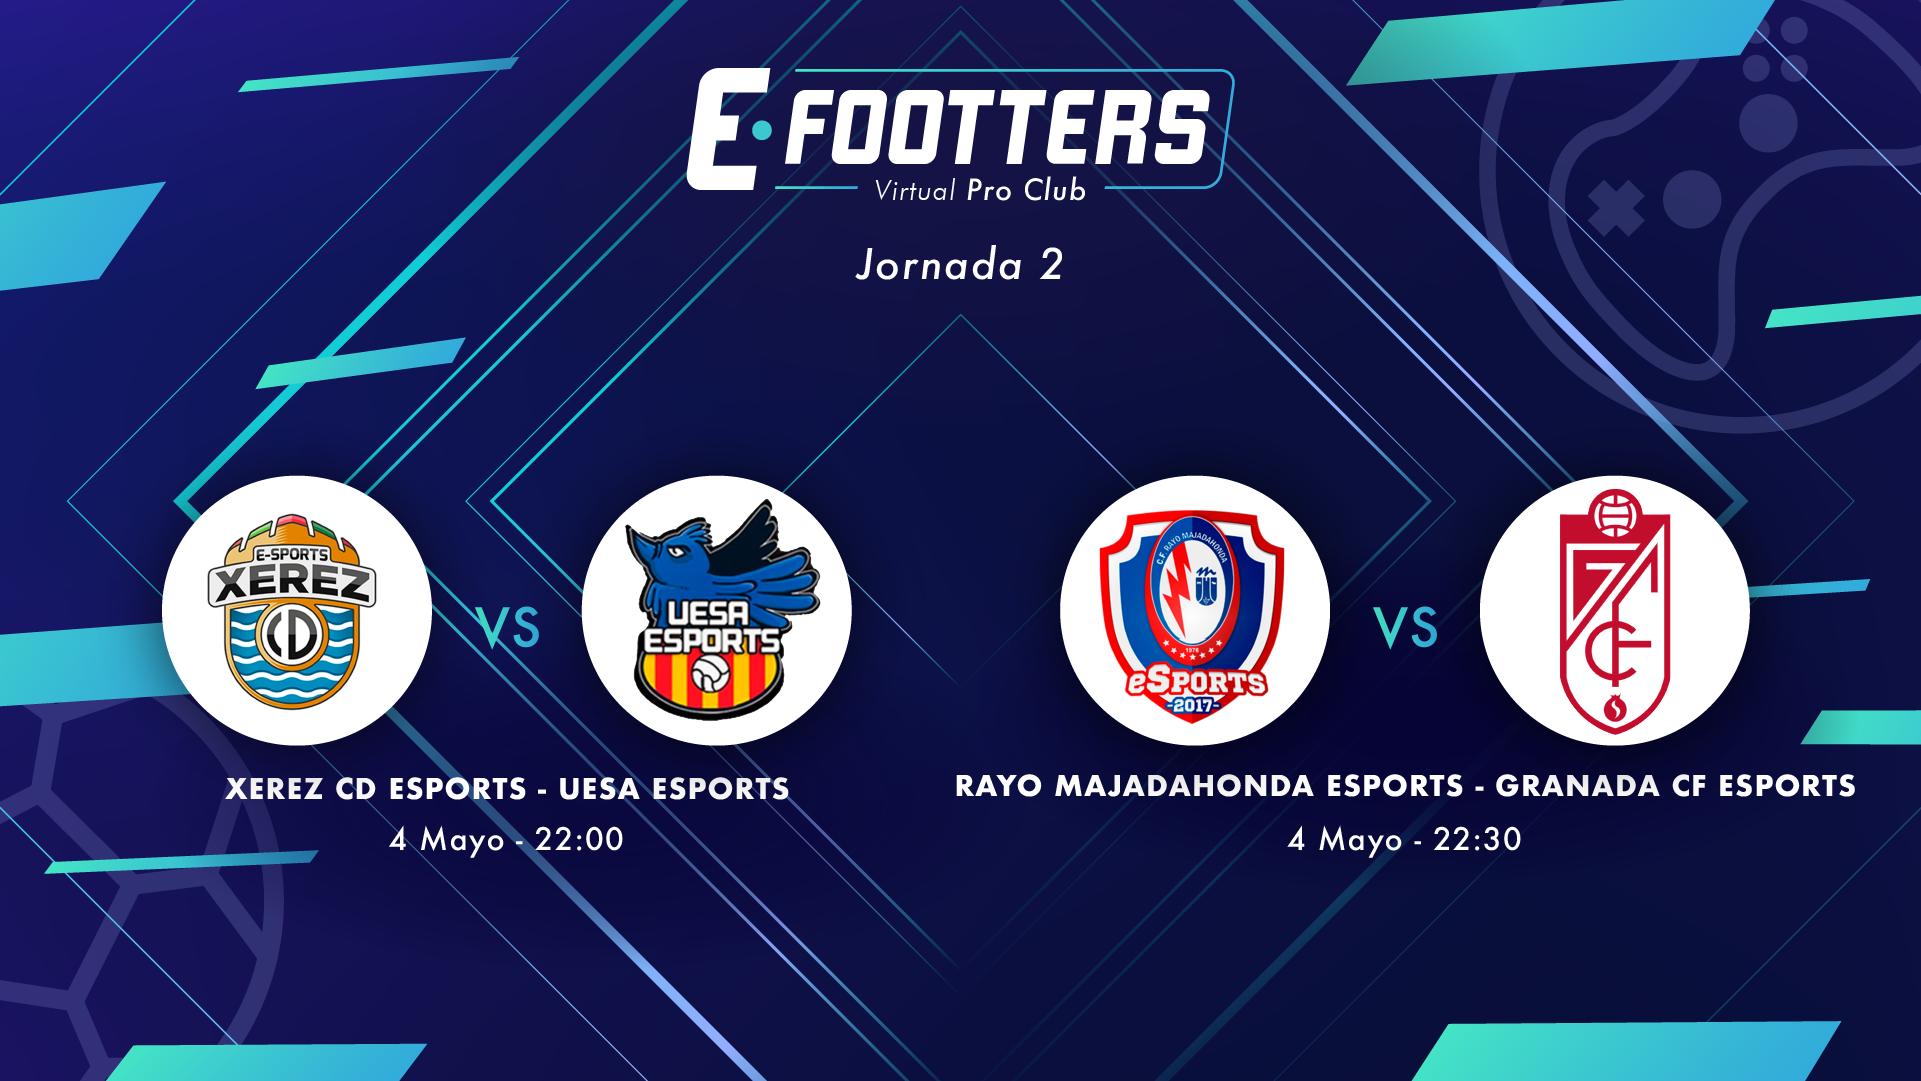 Imagen de los partidos del día 2 de la jornada 2 del Campeonato Footters